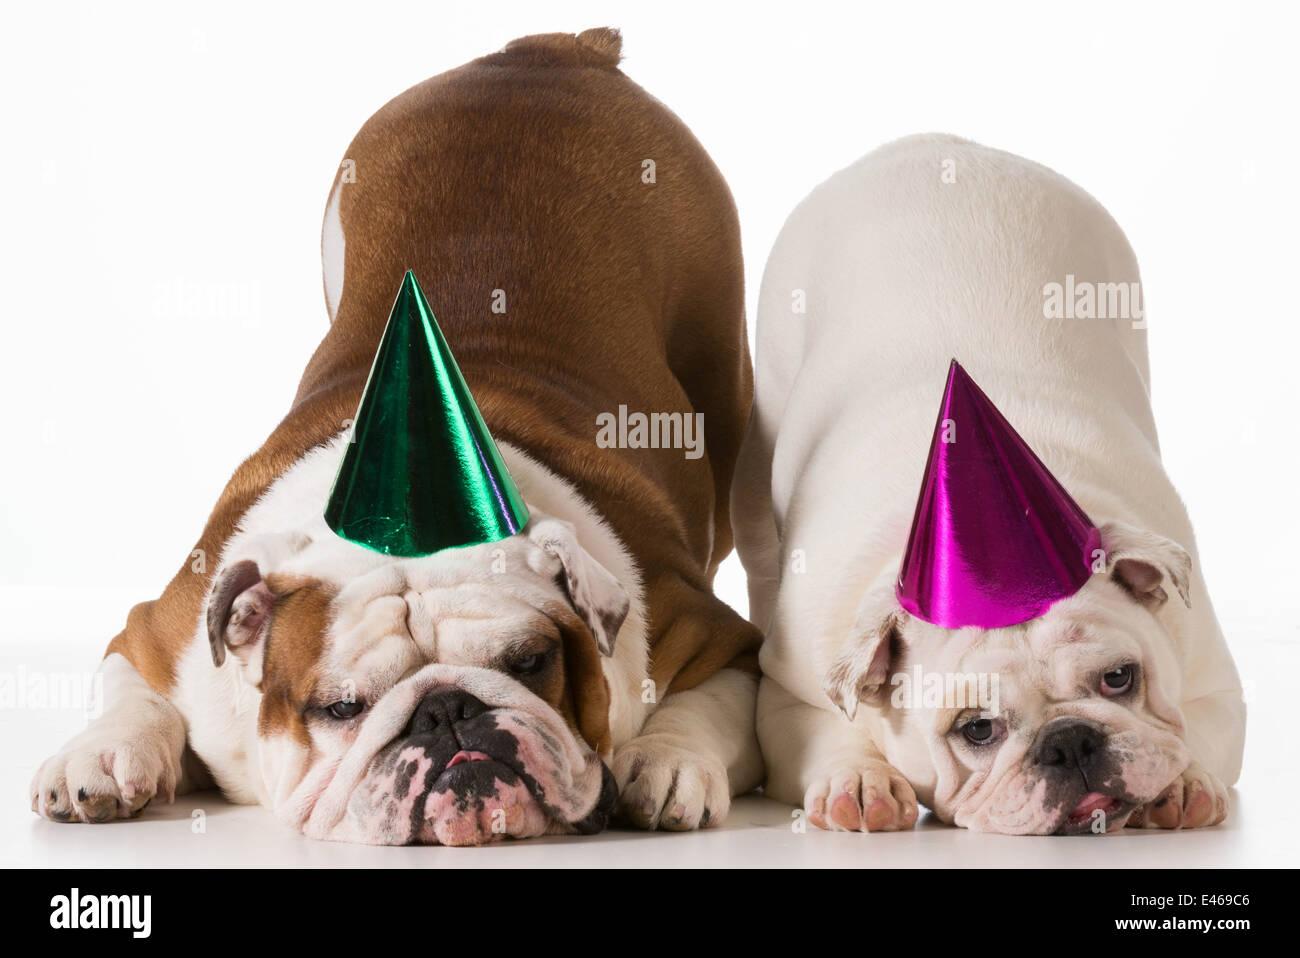 Compleanno cane - due Bulldog inglese indossando cappelli di compleanno su  sfondo bianco Immagini Stock ec89115584ed